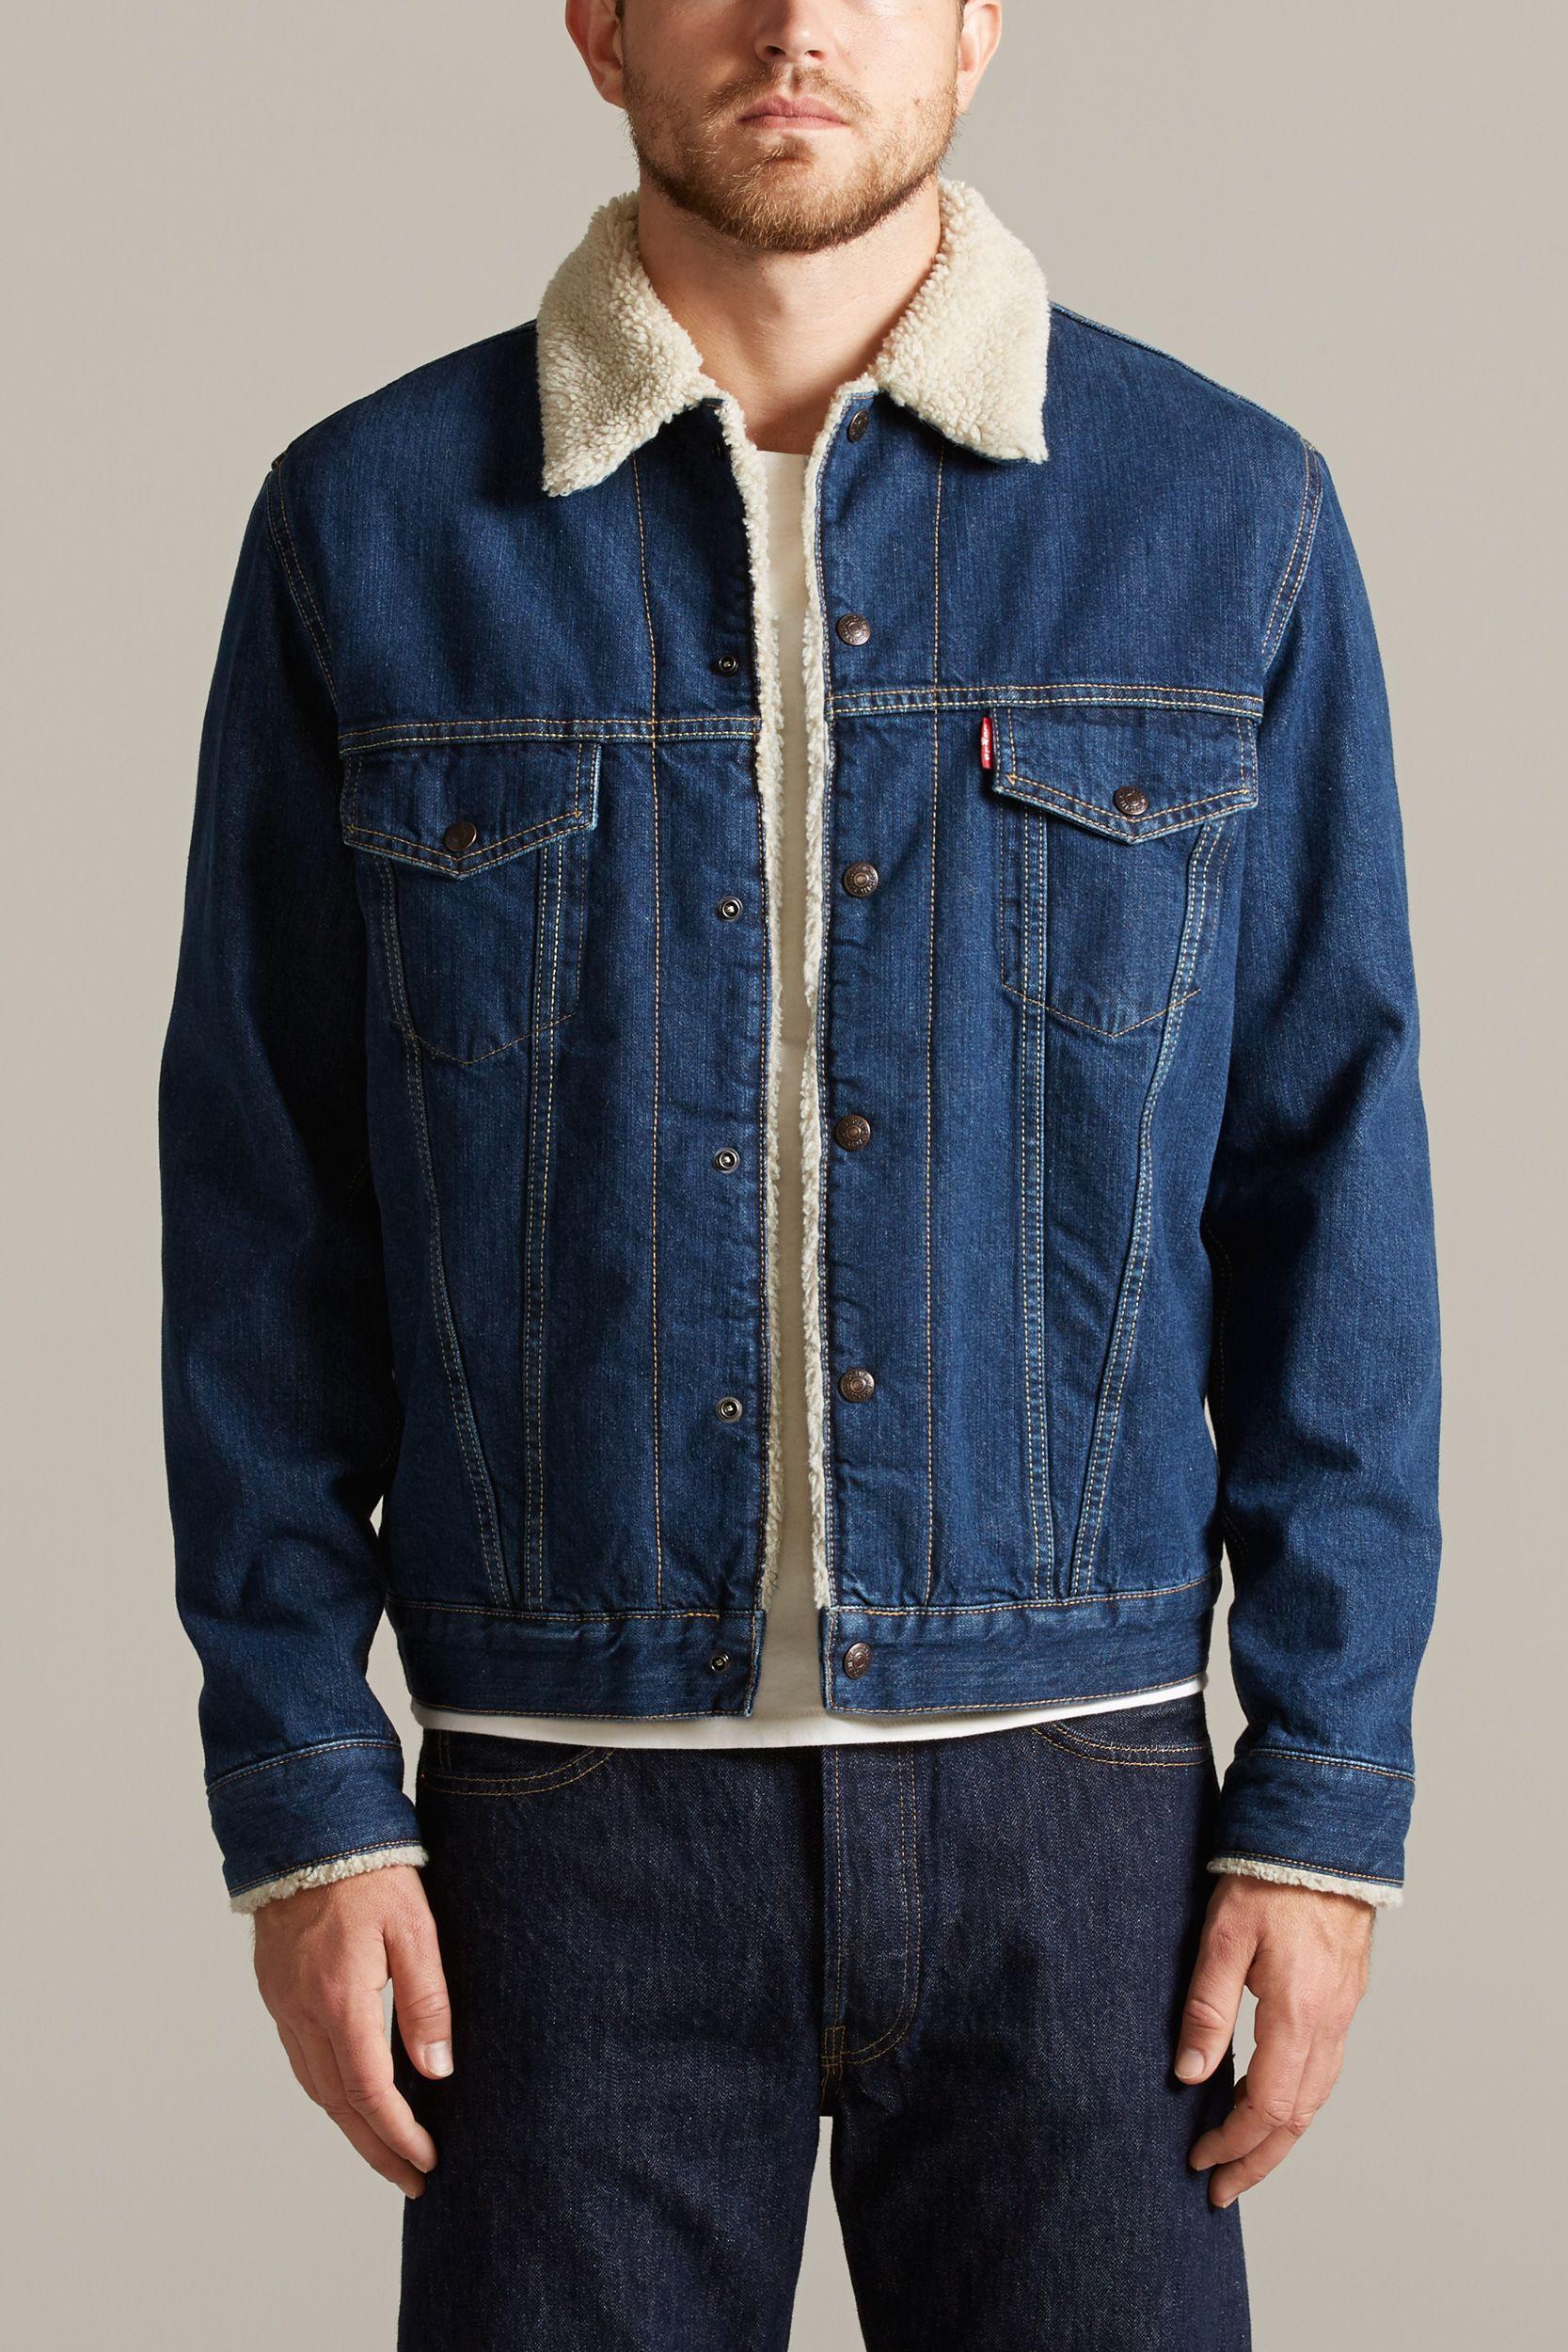 0a6cc52d 1967 T-III SHERPA LINED TRUCKER | Levi's Vintage Clothing | Fleece ...